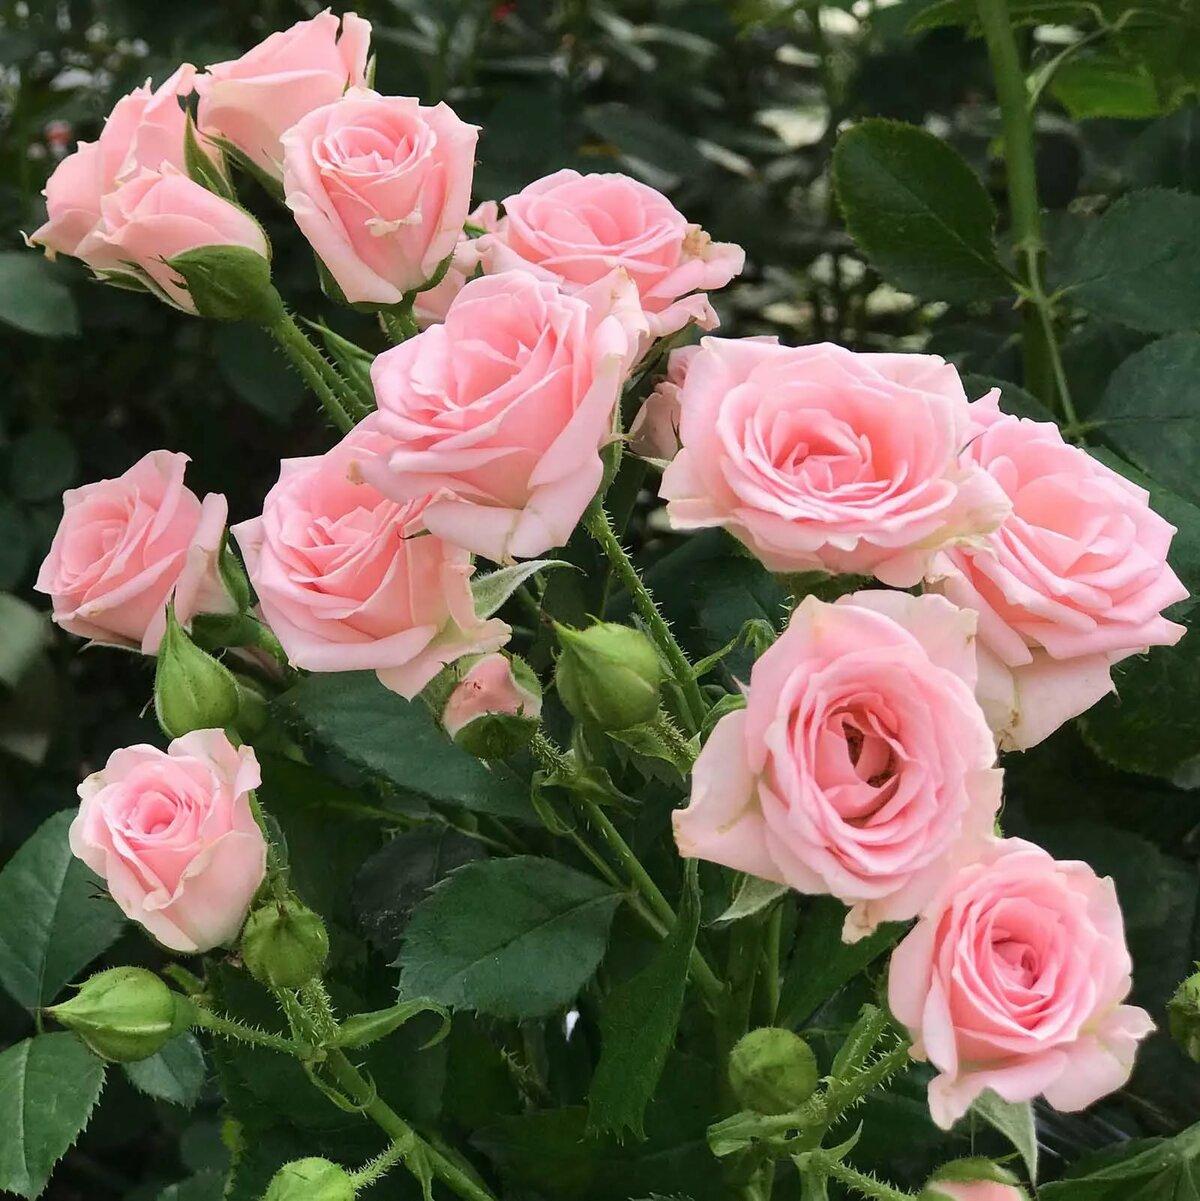 хостинг фото розы найдётся всего несколько